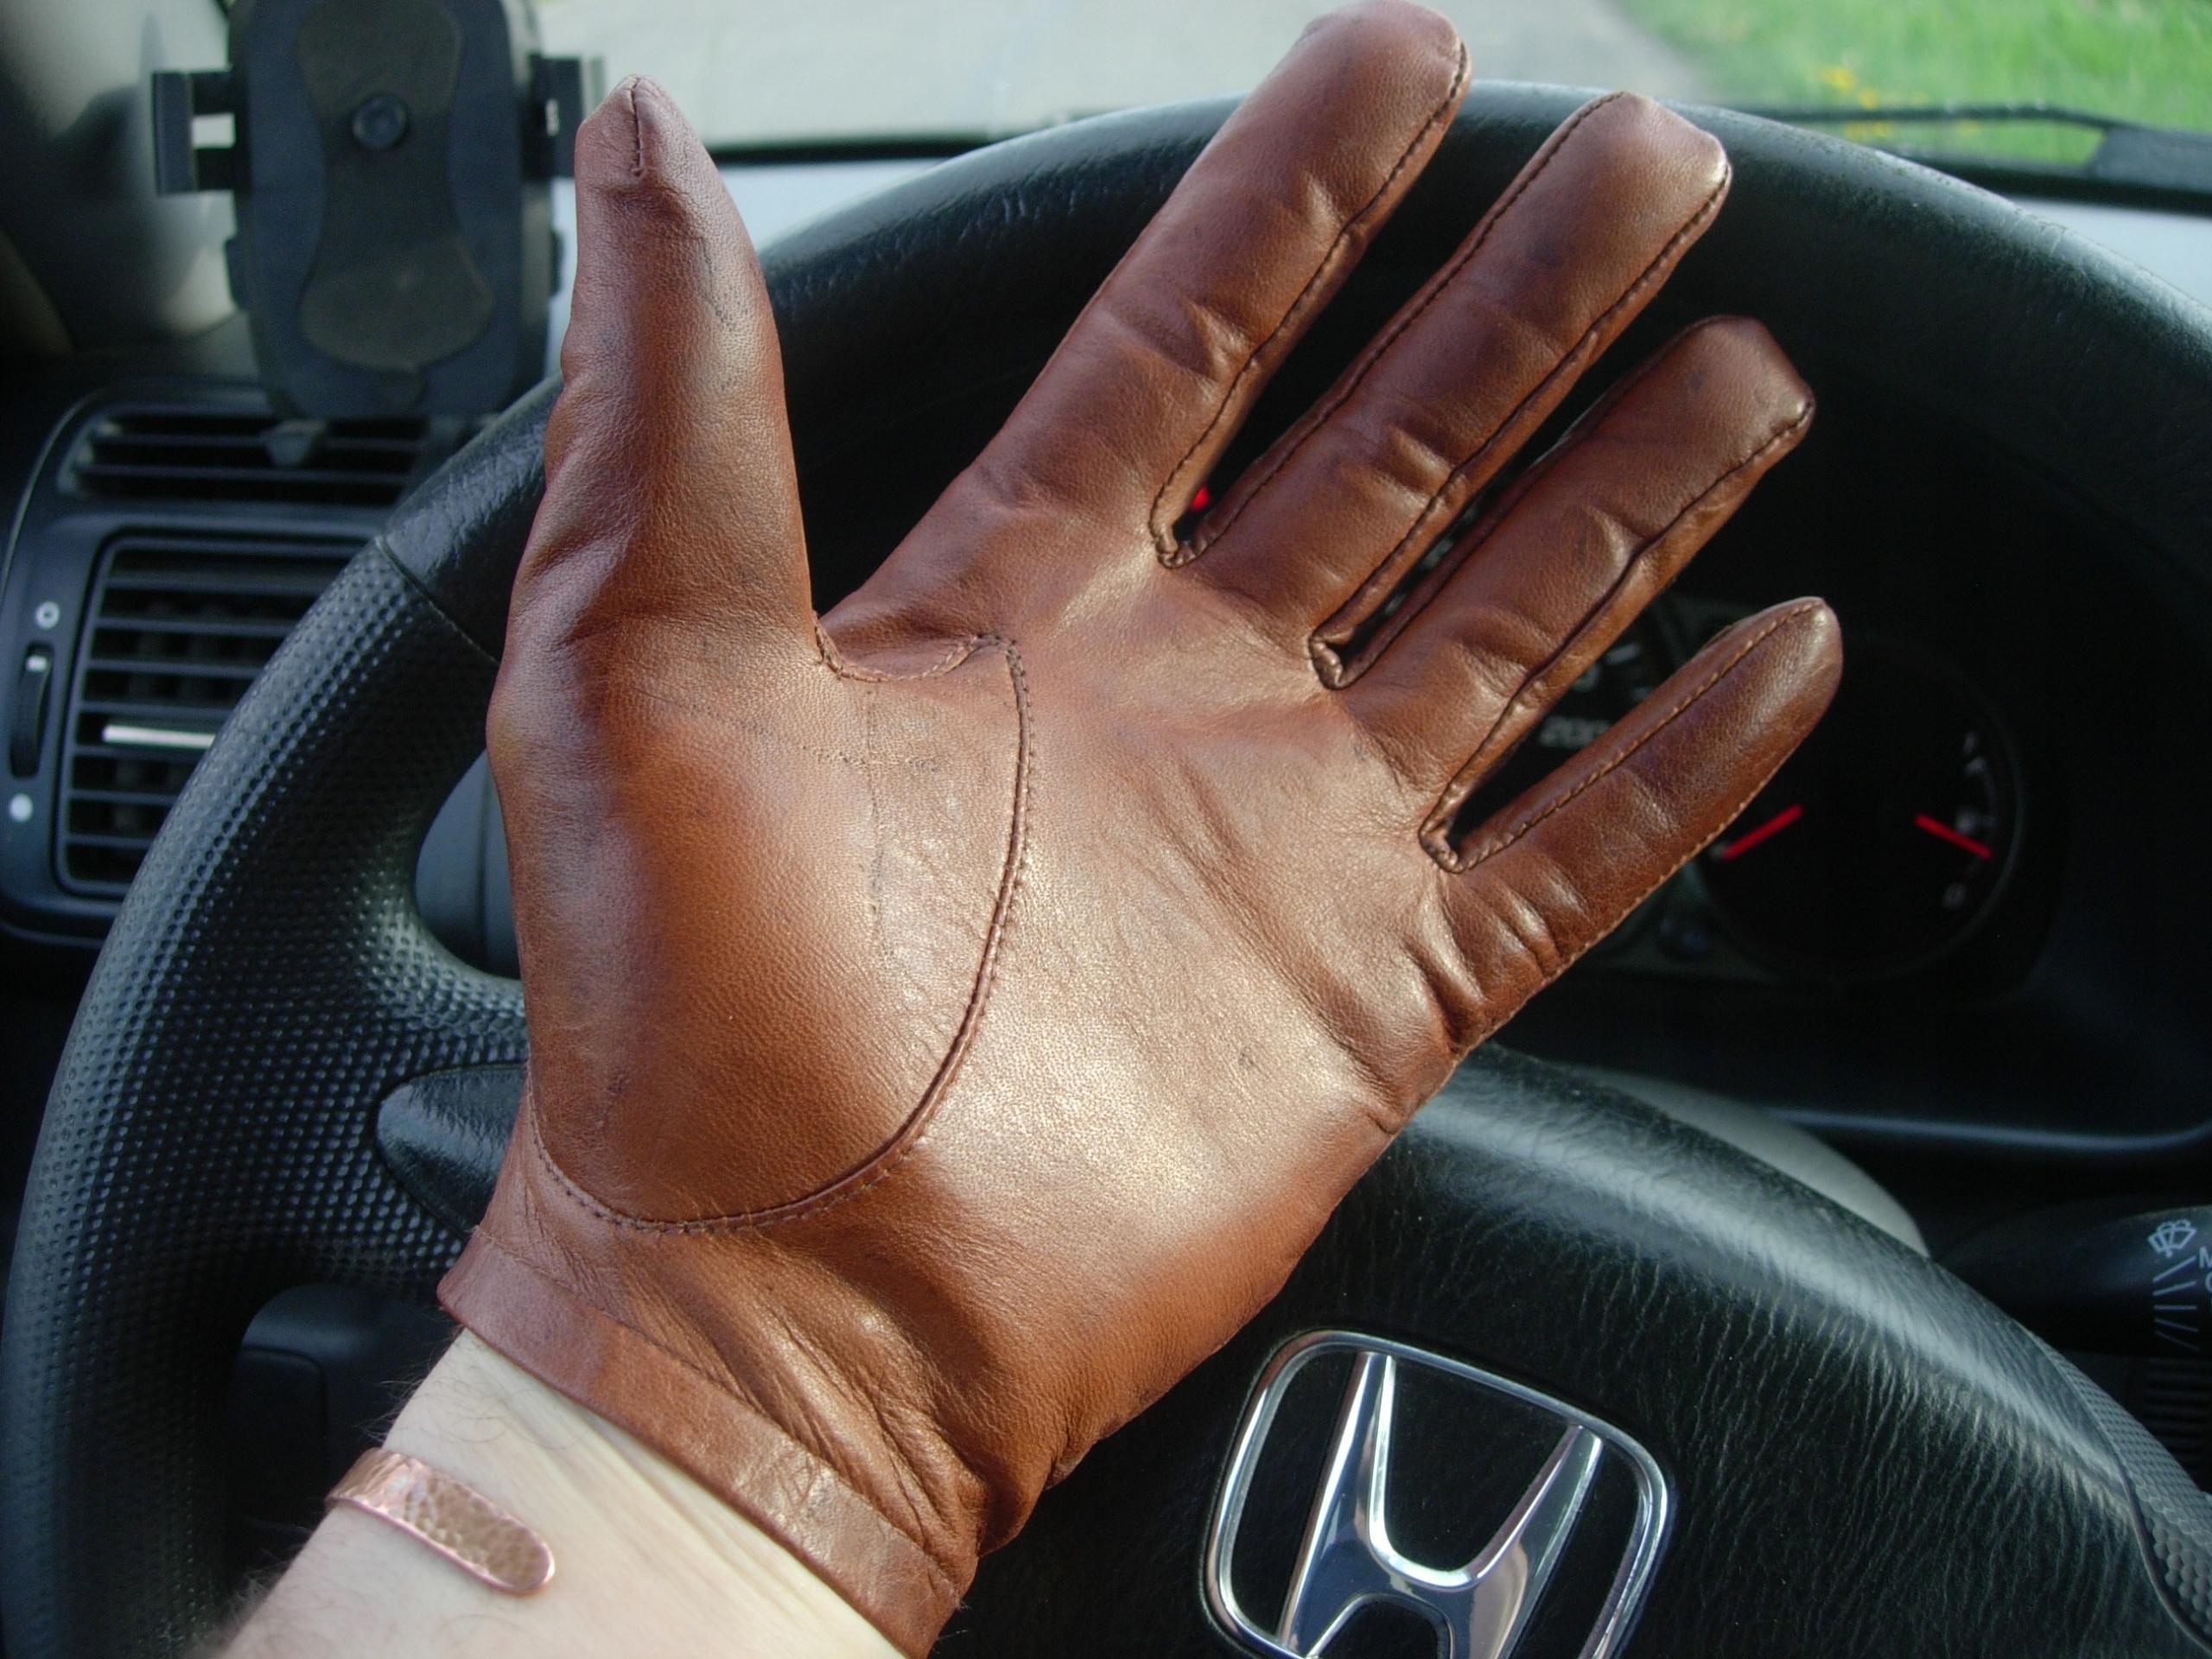 OKAZJA. Stylowe rękawice samochodowe skórzane ZARA